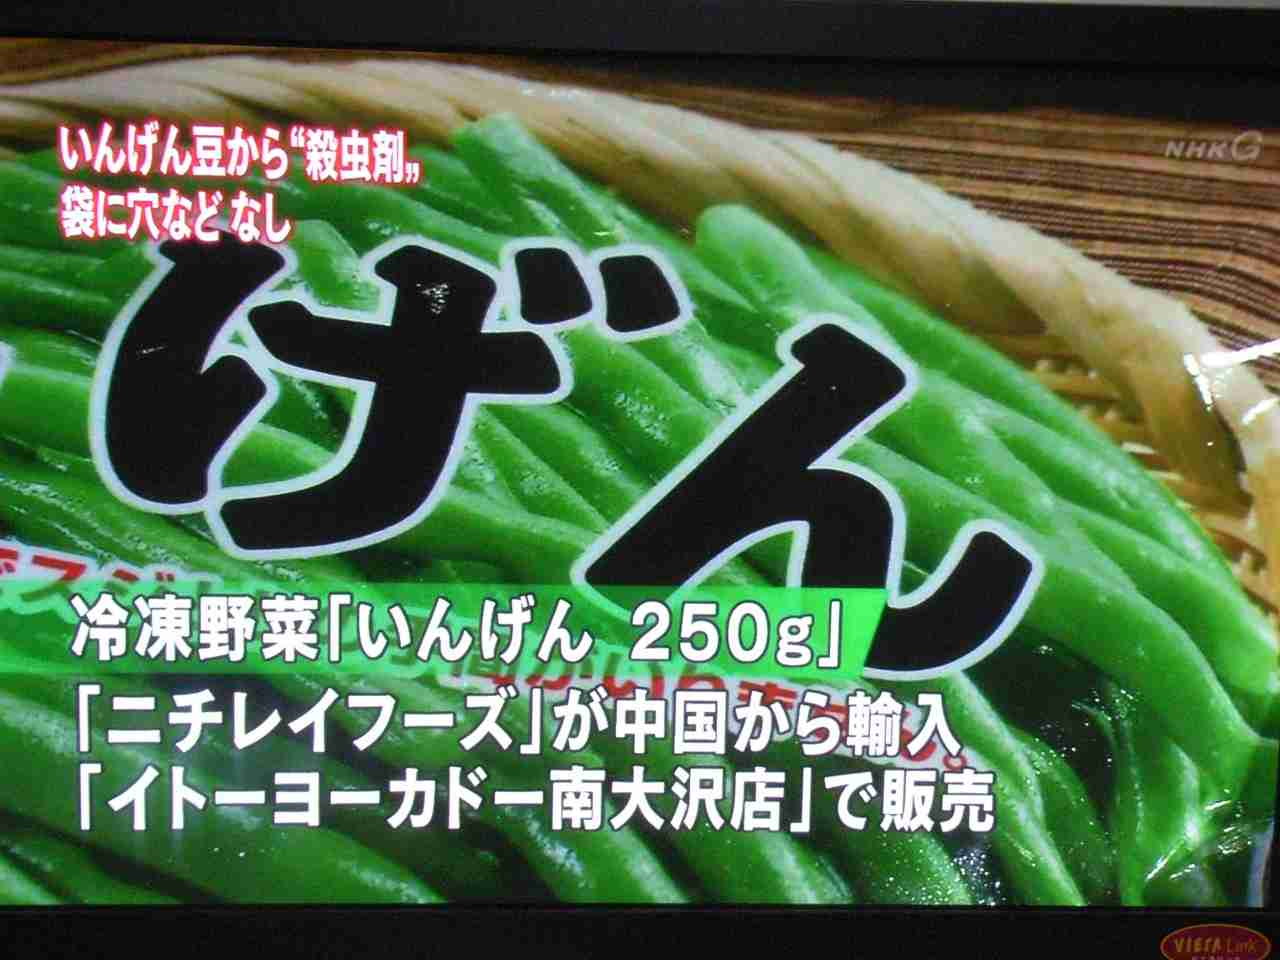 中国産冷凍野菜買いますか?